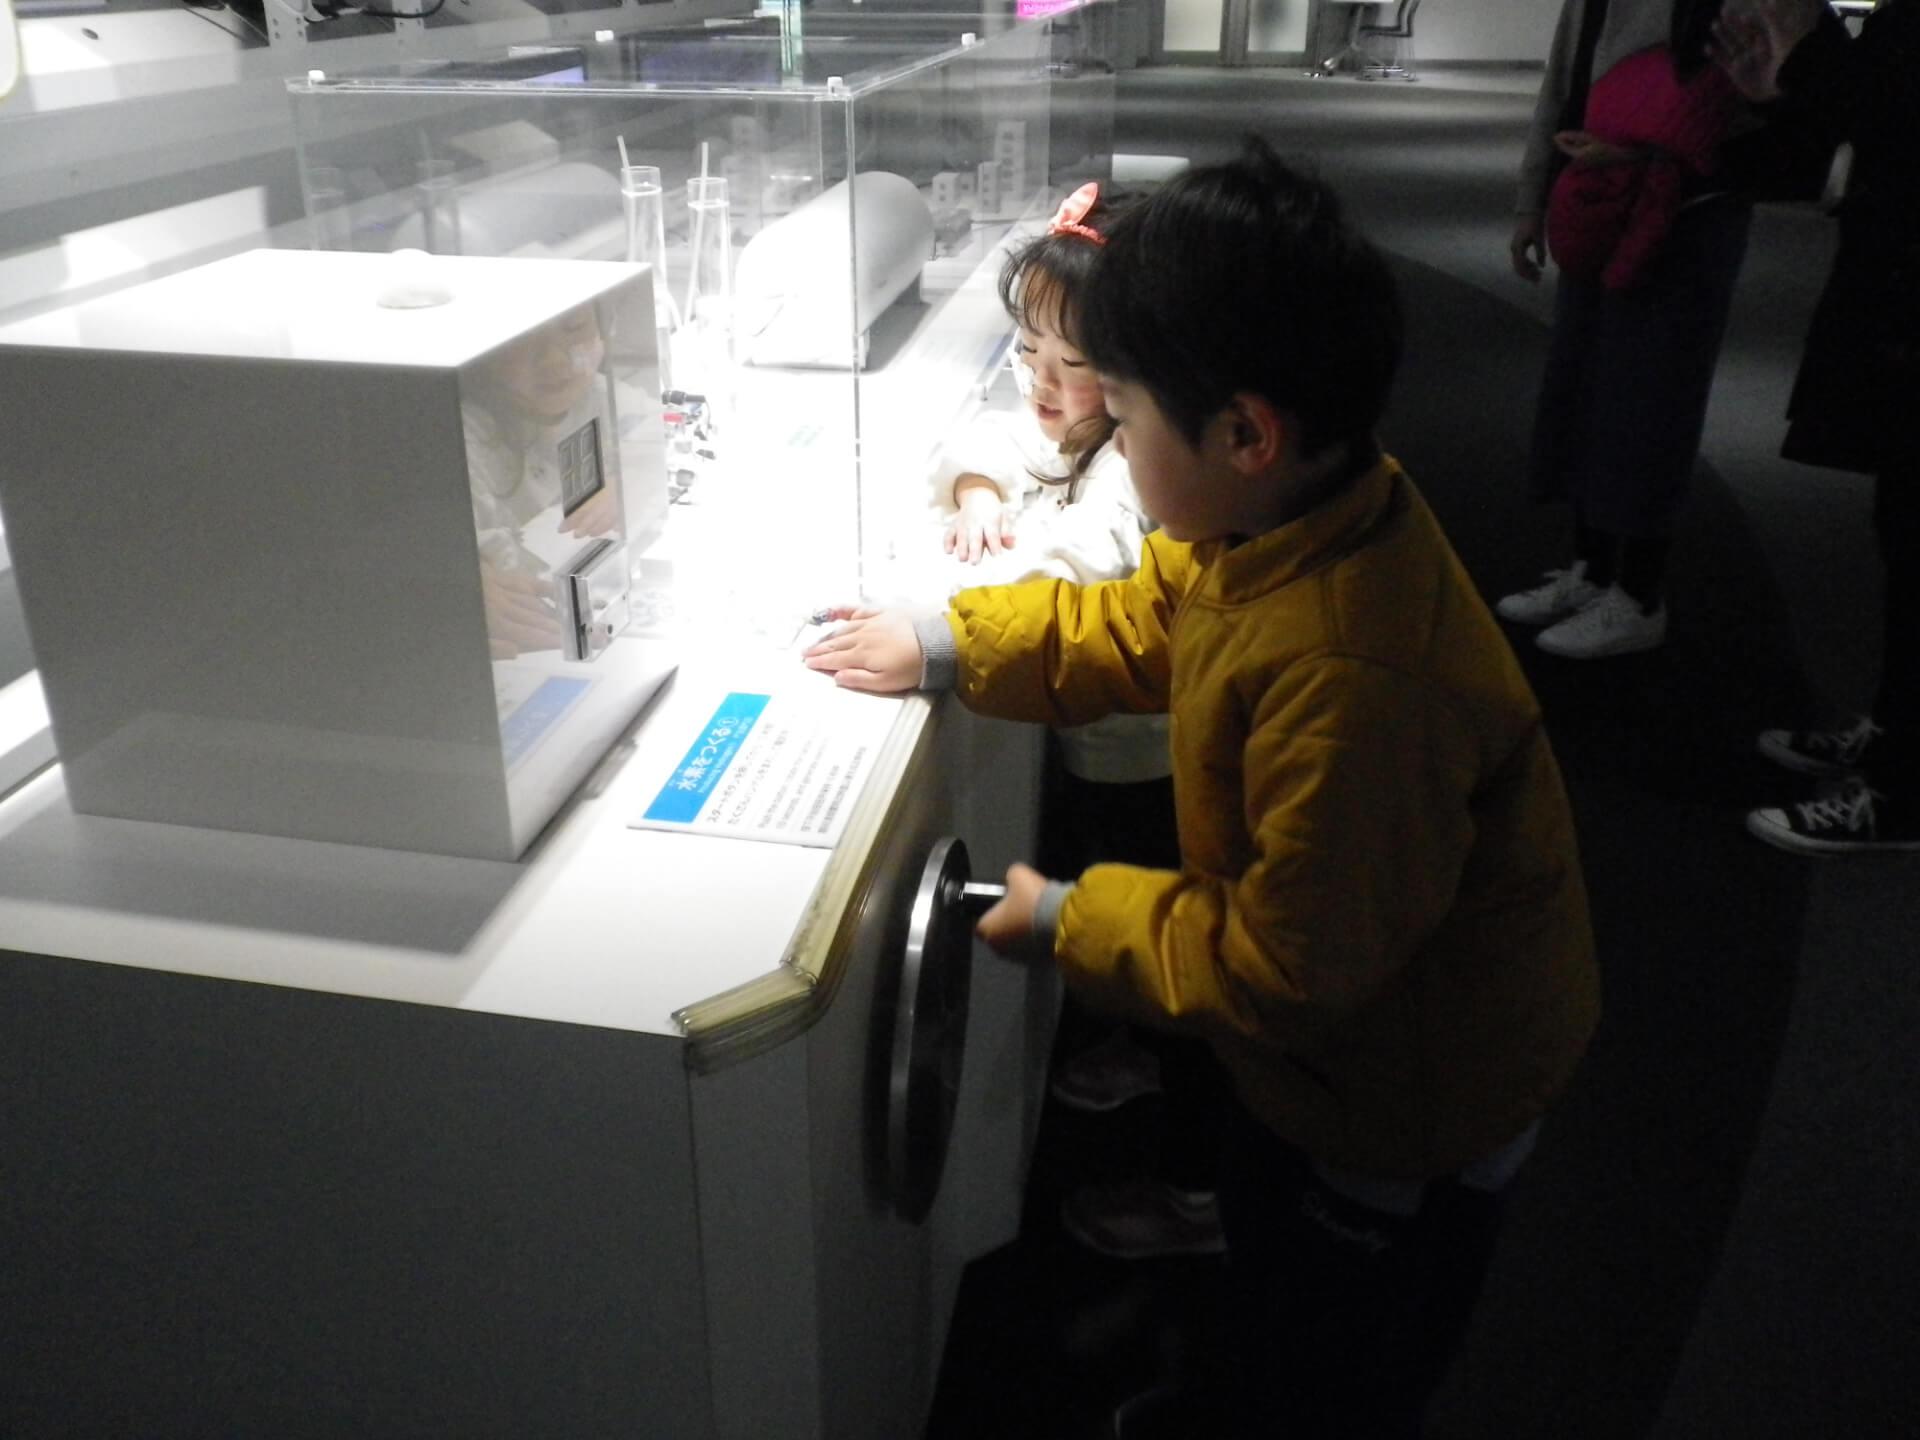 展示物を操作する子どもたち